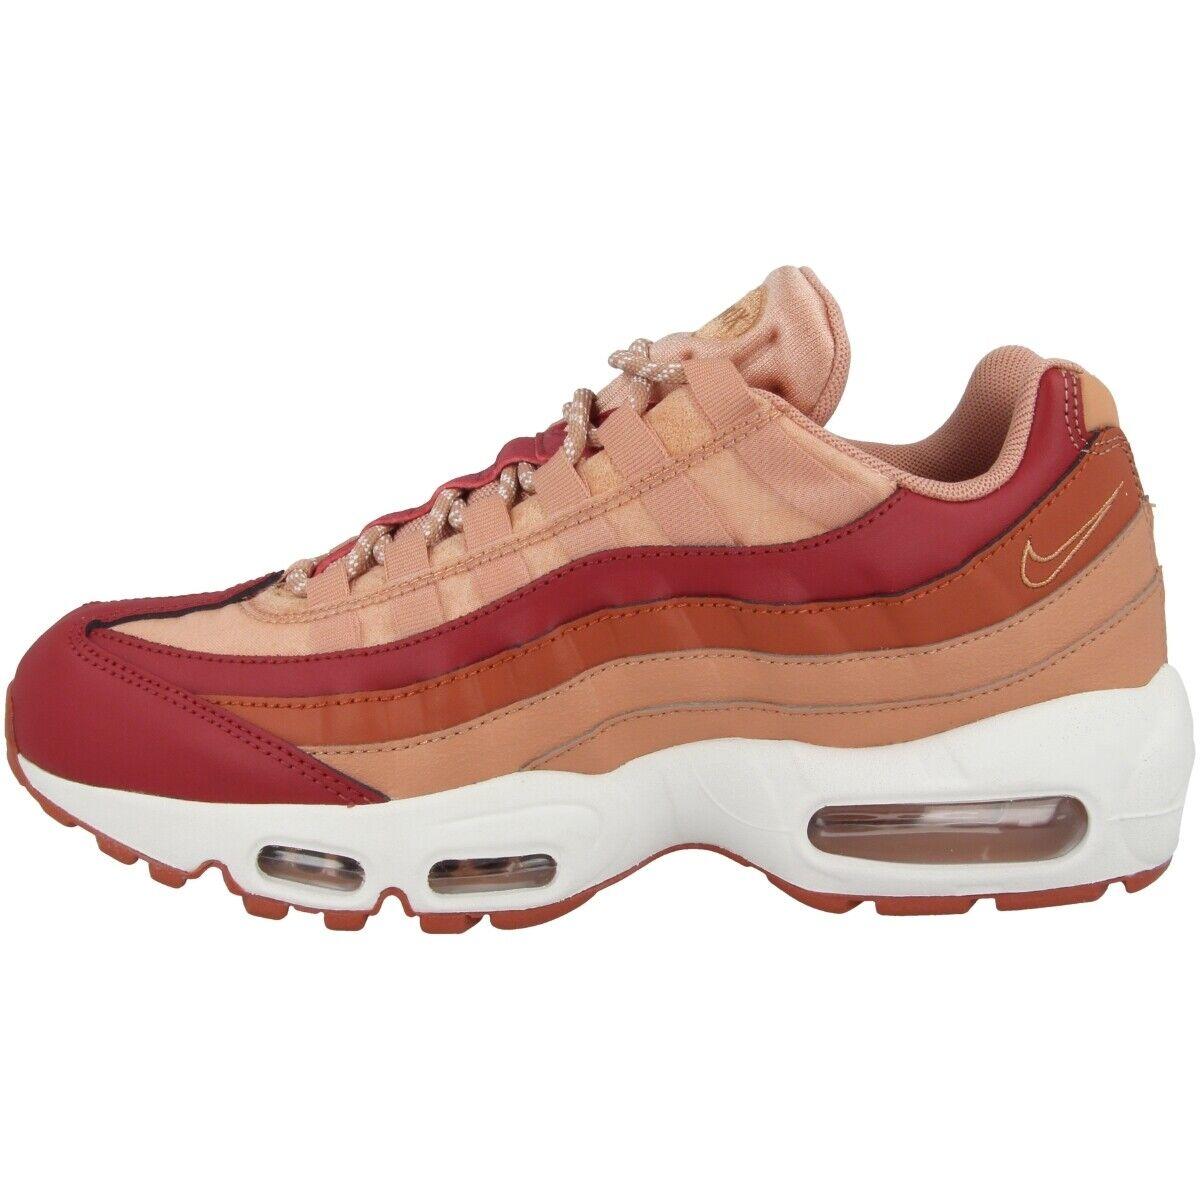 Nike air max 95 women sneakers shoe sport crimson peach 307960-607